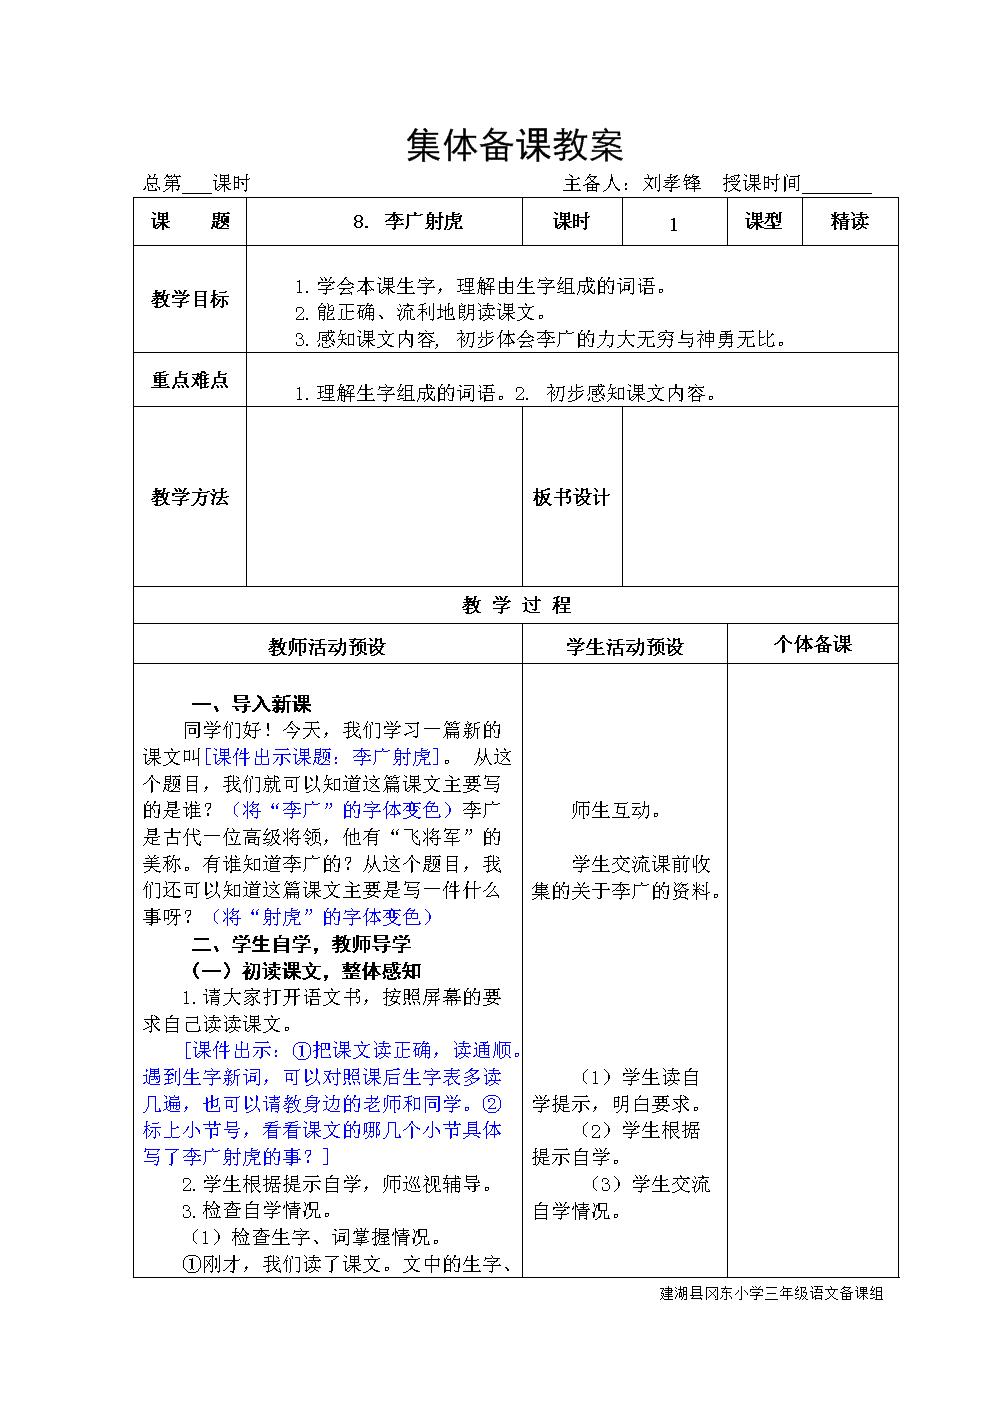 8李广射虎第一课时教案.doc